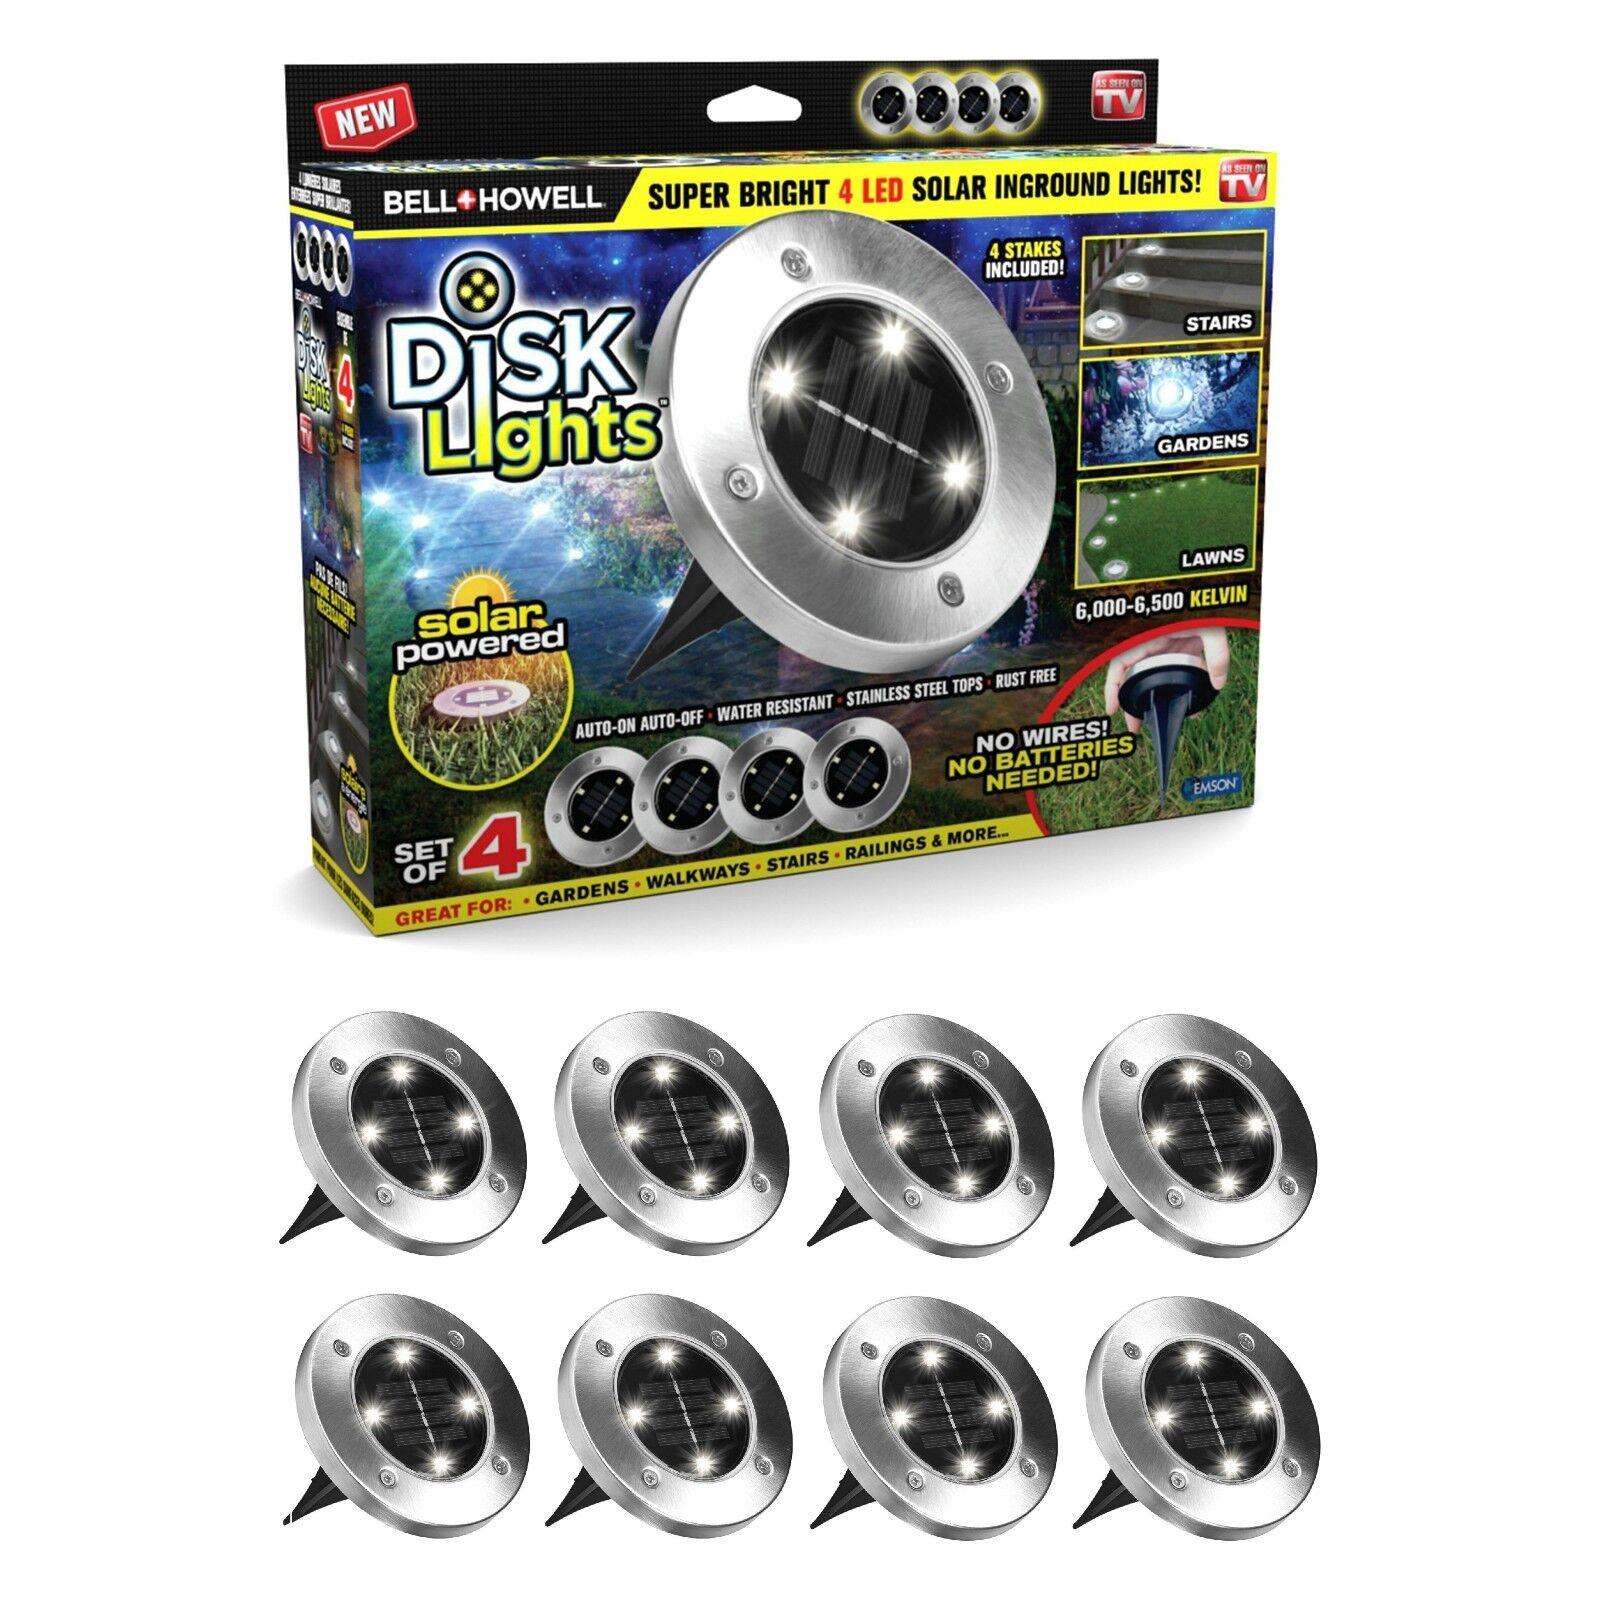 Bell Howell Disk Lights Solar Ed